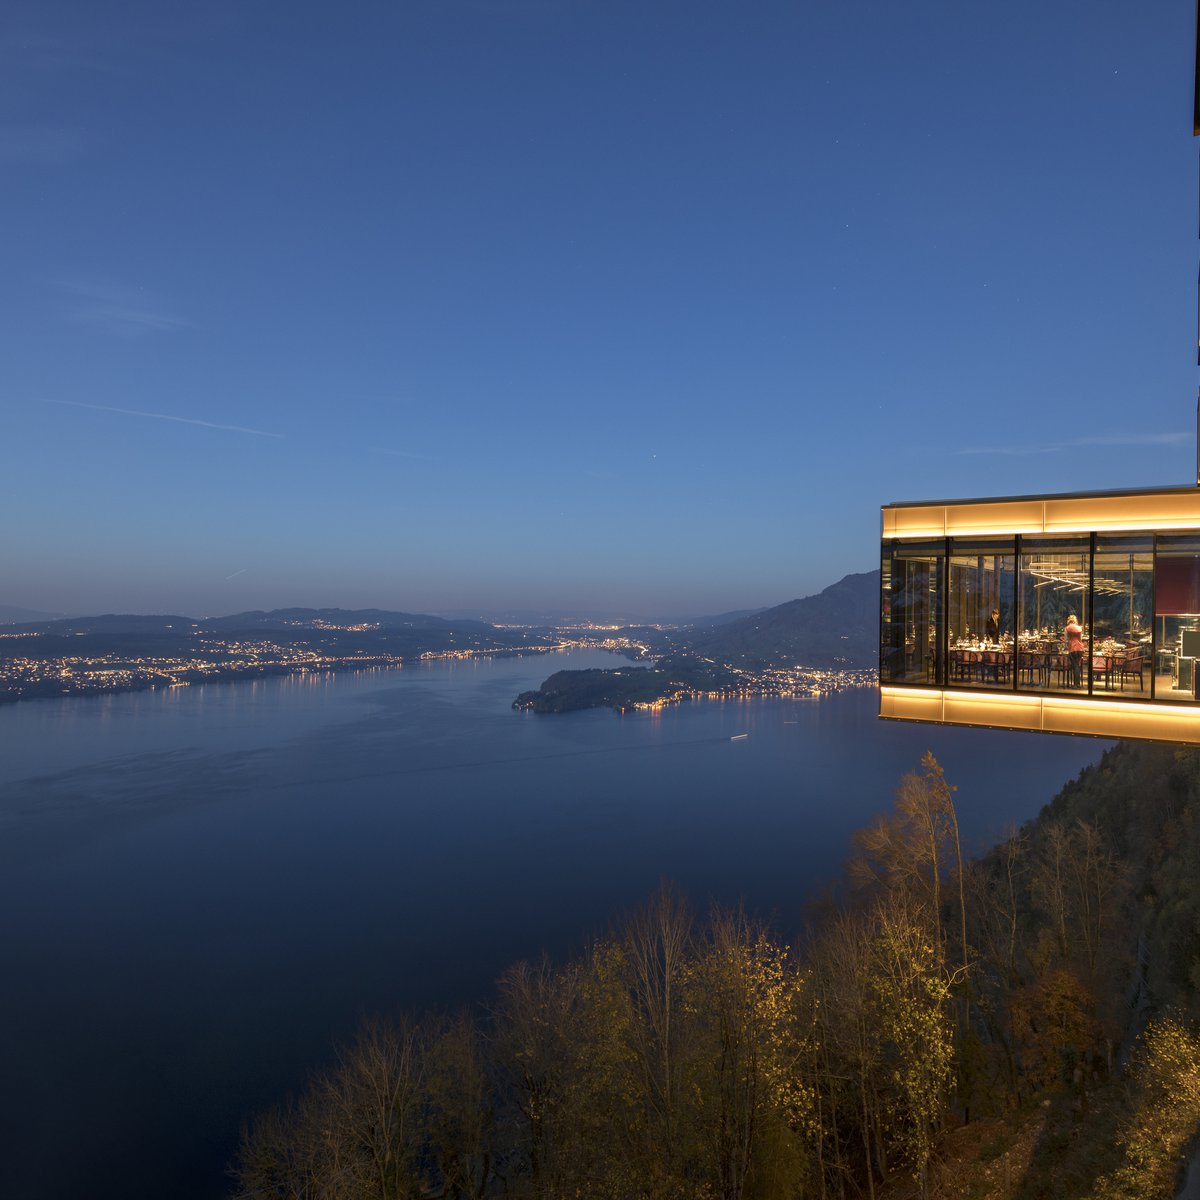 Spices Kitchen & Terrace: Aussenansicht. Der spektakuläre Restaurantkubus liegt 500 Meter über dem Vierwaldstättersee und garantiert atemberaubende Ausblicke.